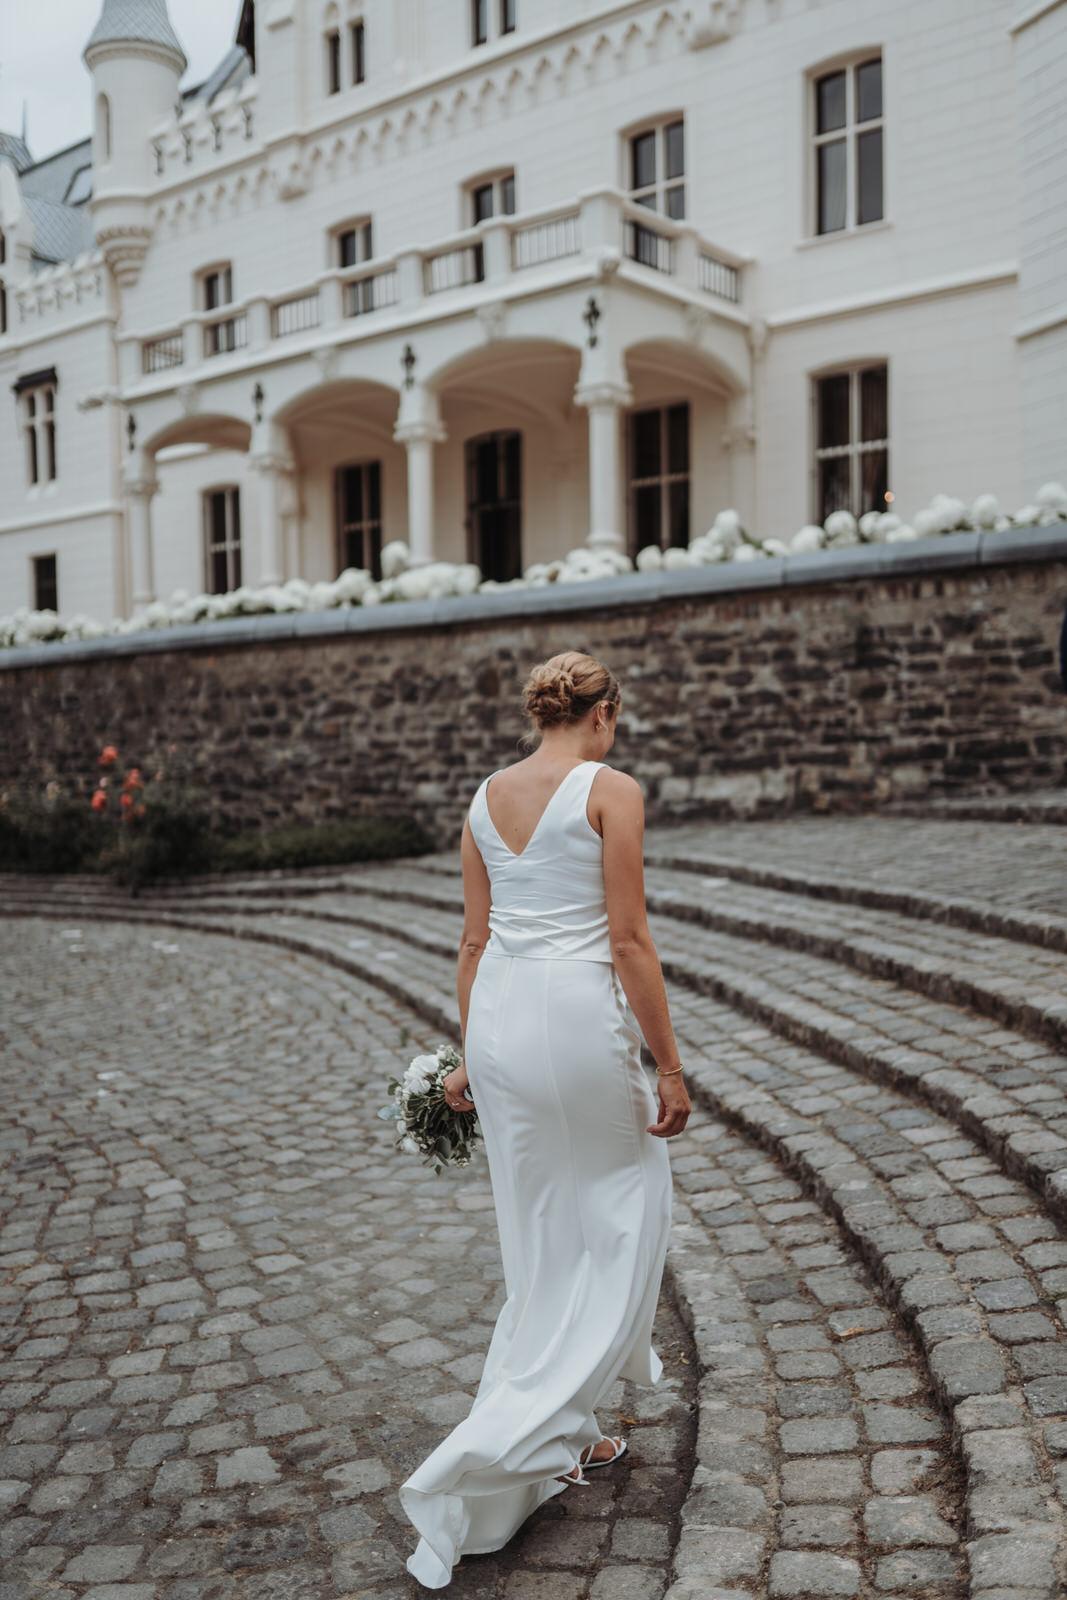 Kommende Ramersdorf Bonn Hochzeit